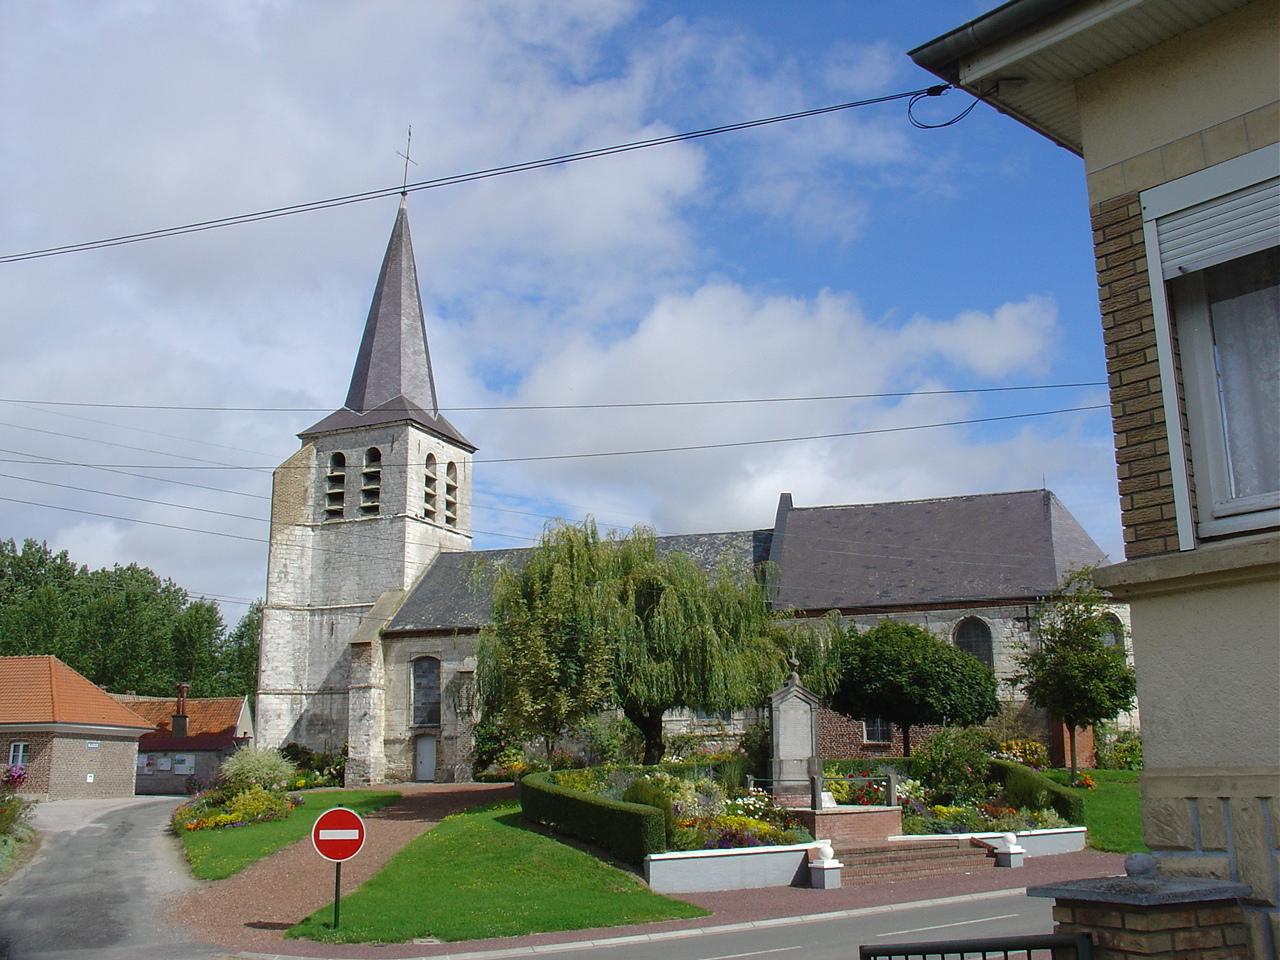 Conchy-sur-Canche